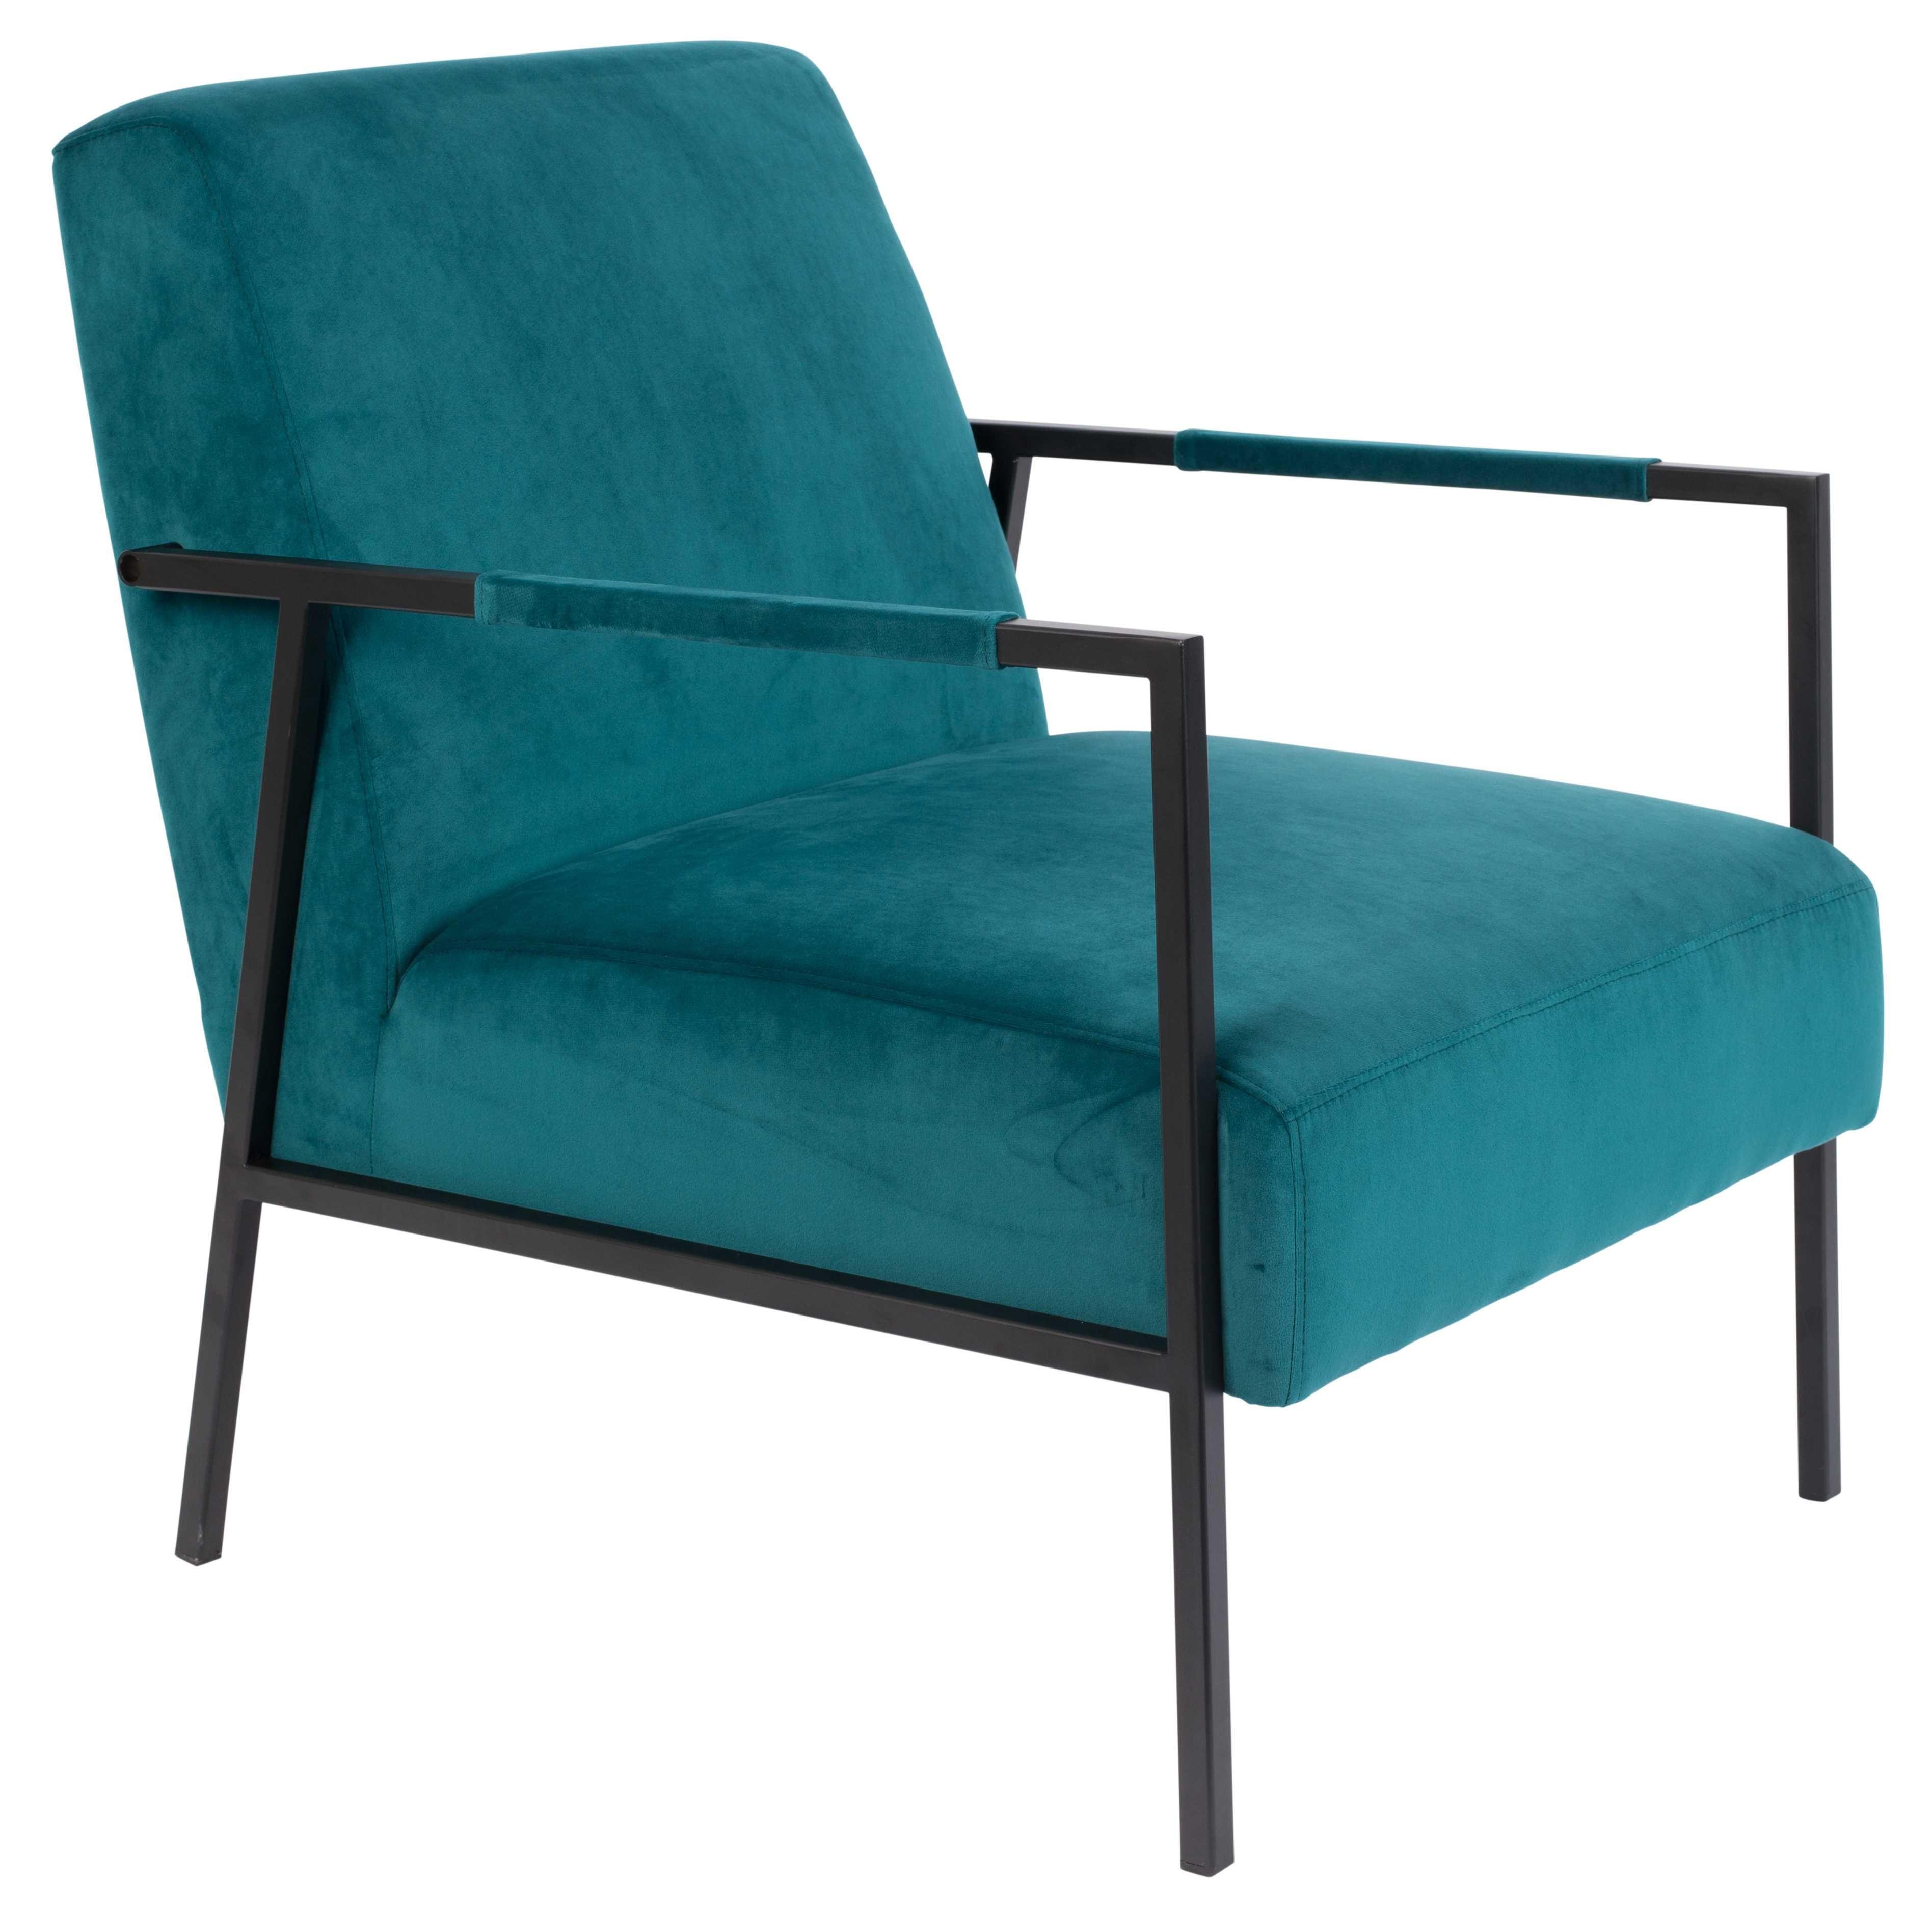 Fauteuil Livingstone TealXlmeubels Design TealXlmeubels Livingstone Oamaru Oamaru Design Livingstone Design Fauteuil qUzSVpM